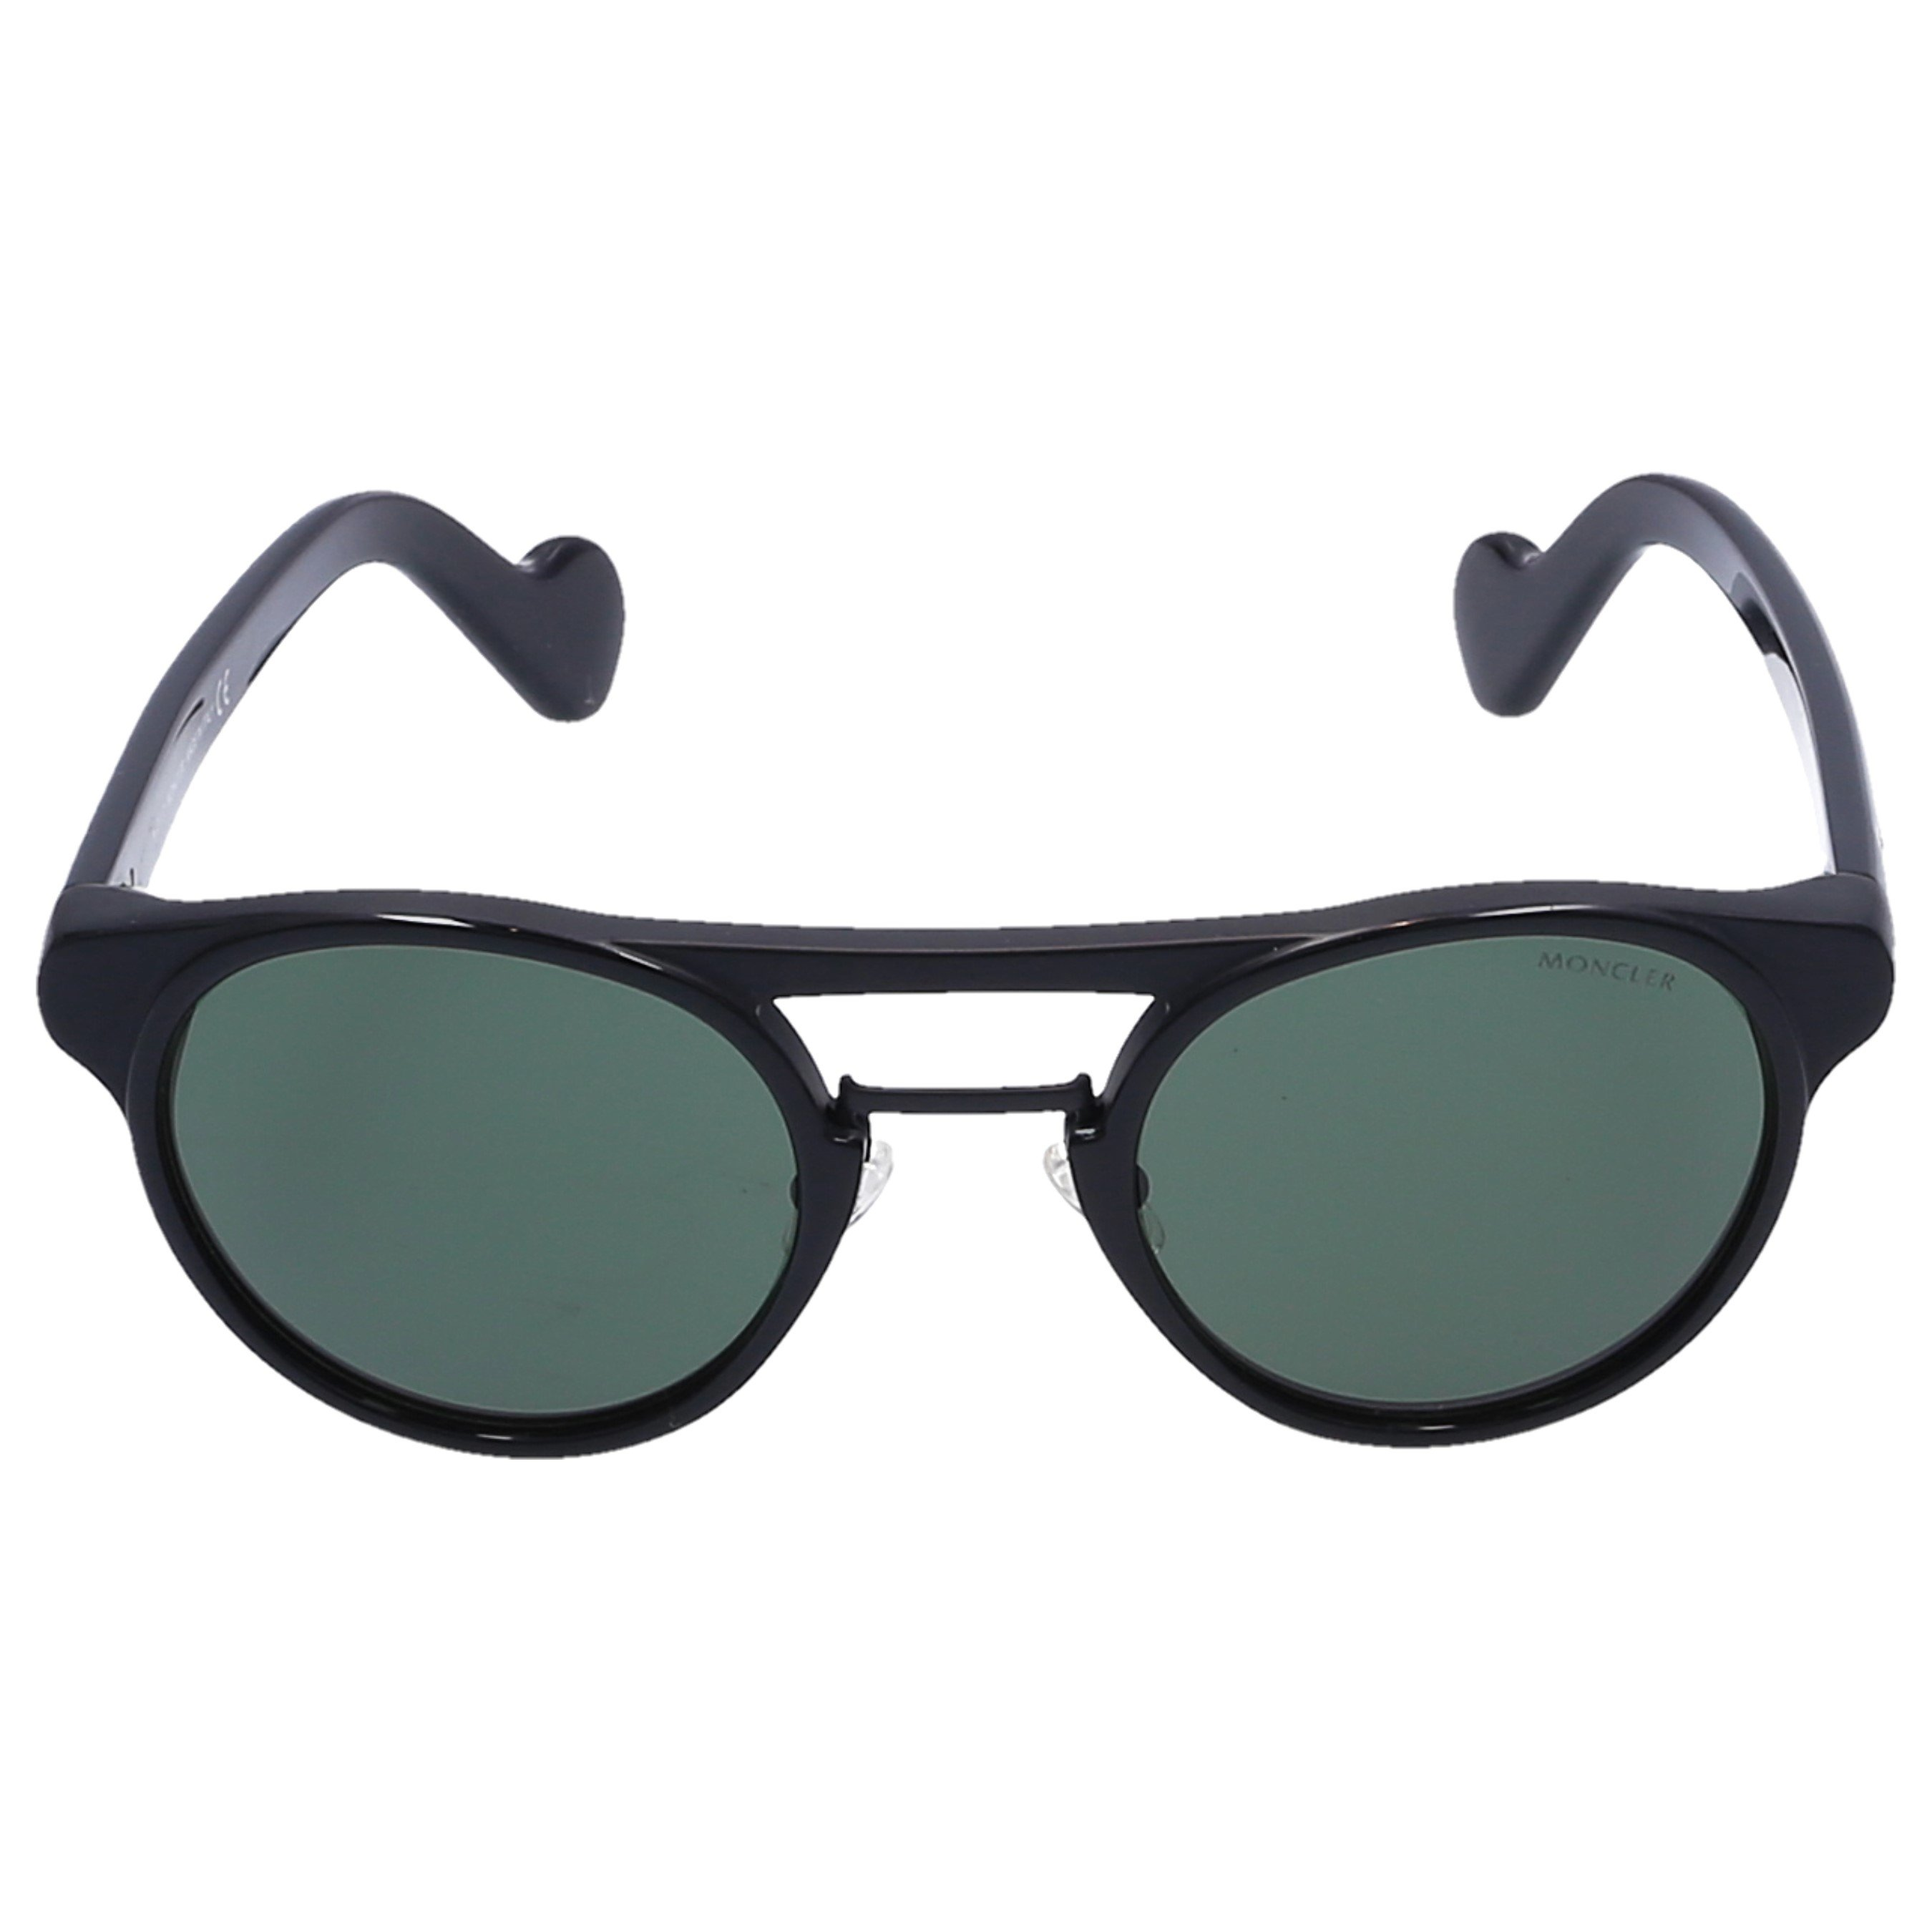 Moncler Sonnenbrille Round 019 Acetat schwarz